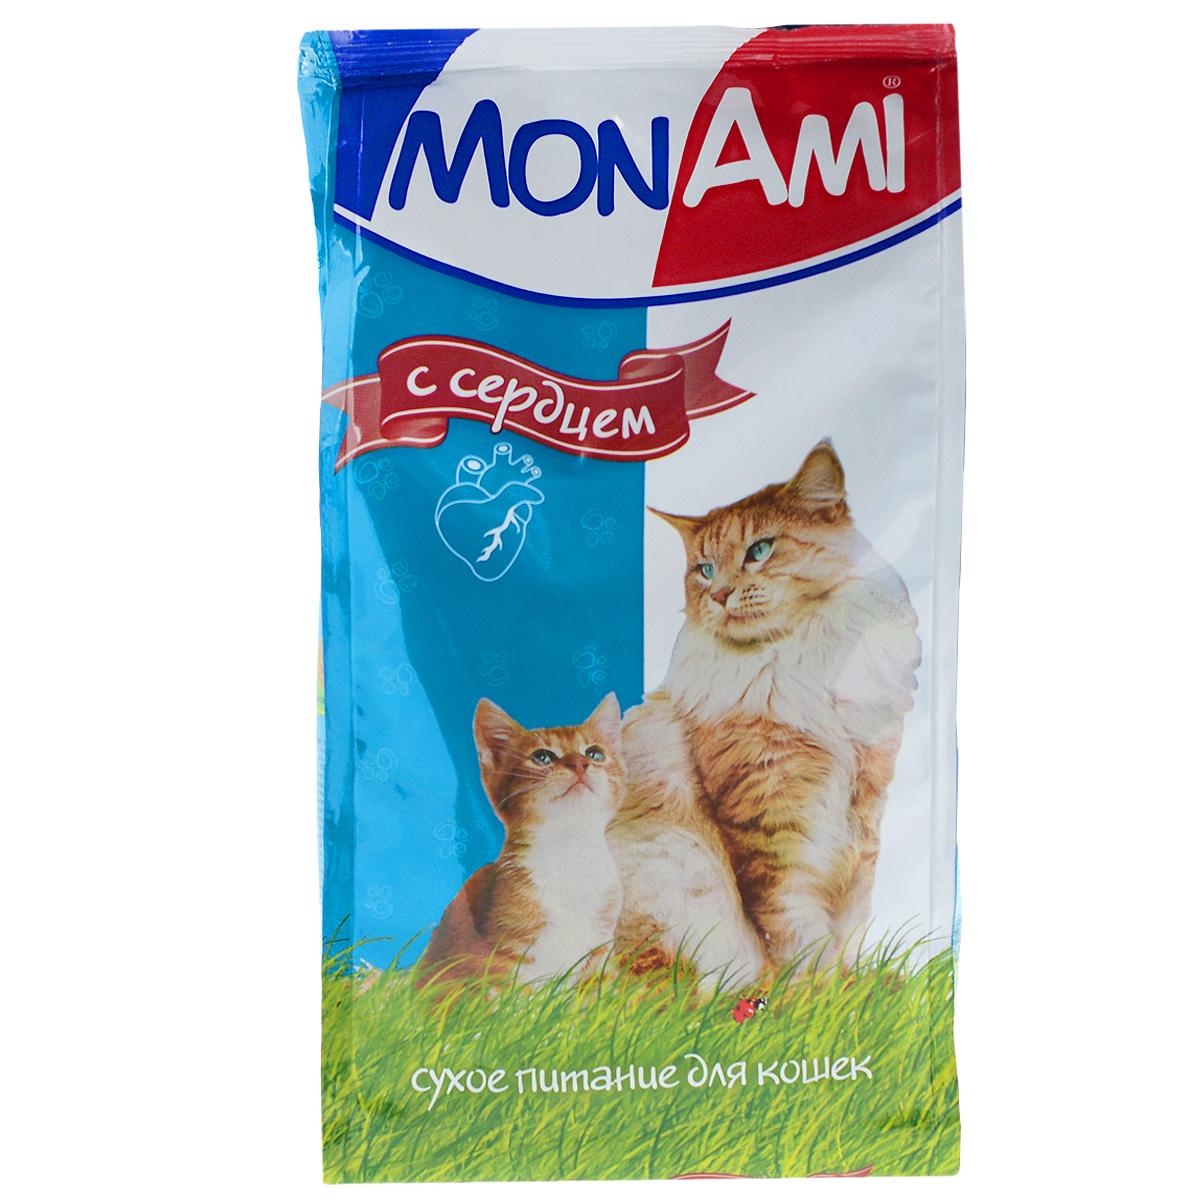 Корм сухой для кошек Mon Ami, с сердцем, 400 г1857Сухой корм для кошек Mon Ami - это полноценное сбалансированное питание для кошек, разработанное с использованием современных технологий. Особенности рациона: Необходимое сочетание ингредиентов для достижения правильной усвояемости питательных веществ организмом. Источник линолевой кислоты и правильного уровня витаминов группы В благотворно влияют на кожу и шерсть. Состав: злаки, экстракт белка растительного происхождения, мясо и продукты животного происхождения (в т.ч. сердце), подсолнечное масло, минеральные добавки, пульпа сахарной свеклы (жом), витамины, пивные дрожжи, антиоксидант. Анализ: сырой протеин 30%, сырой жир 10%, сырая зола 7%, сырая клетчатка 2,5%, влажность 10%, фосфор 0,9%, кальций 1,05%, витамин А 5000 МЕ/кг, витамин Д 500 МЕ/кг, витамин Е 30 мг/кг. Энергетическая ценность: 333 ккал/100 г. Товар сертифицирован.